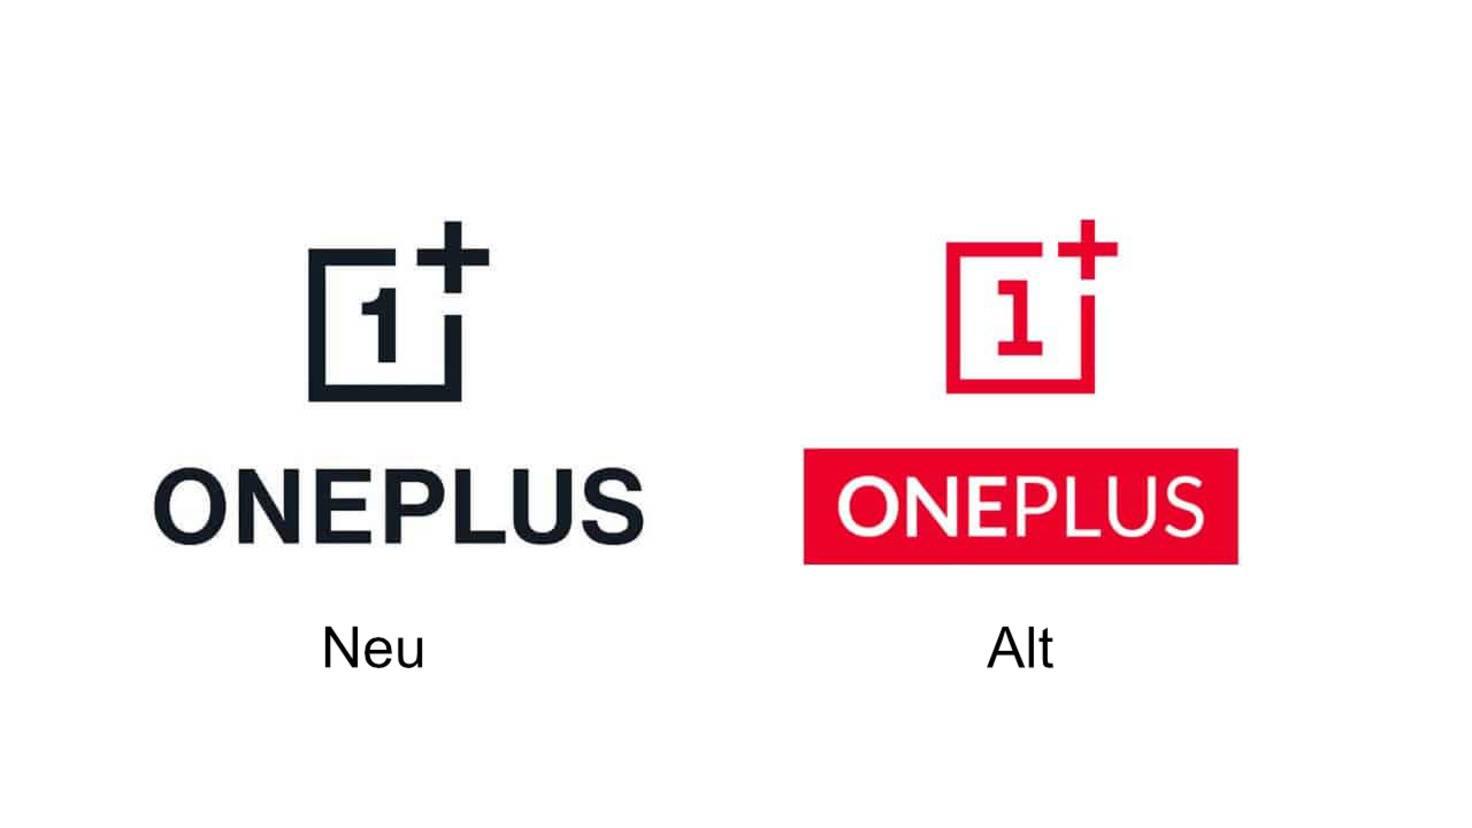 oneplus logo vergleich